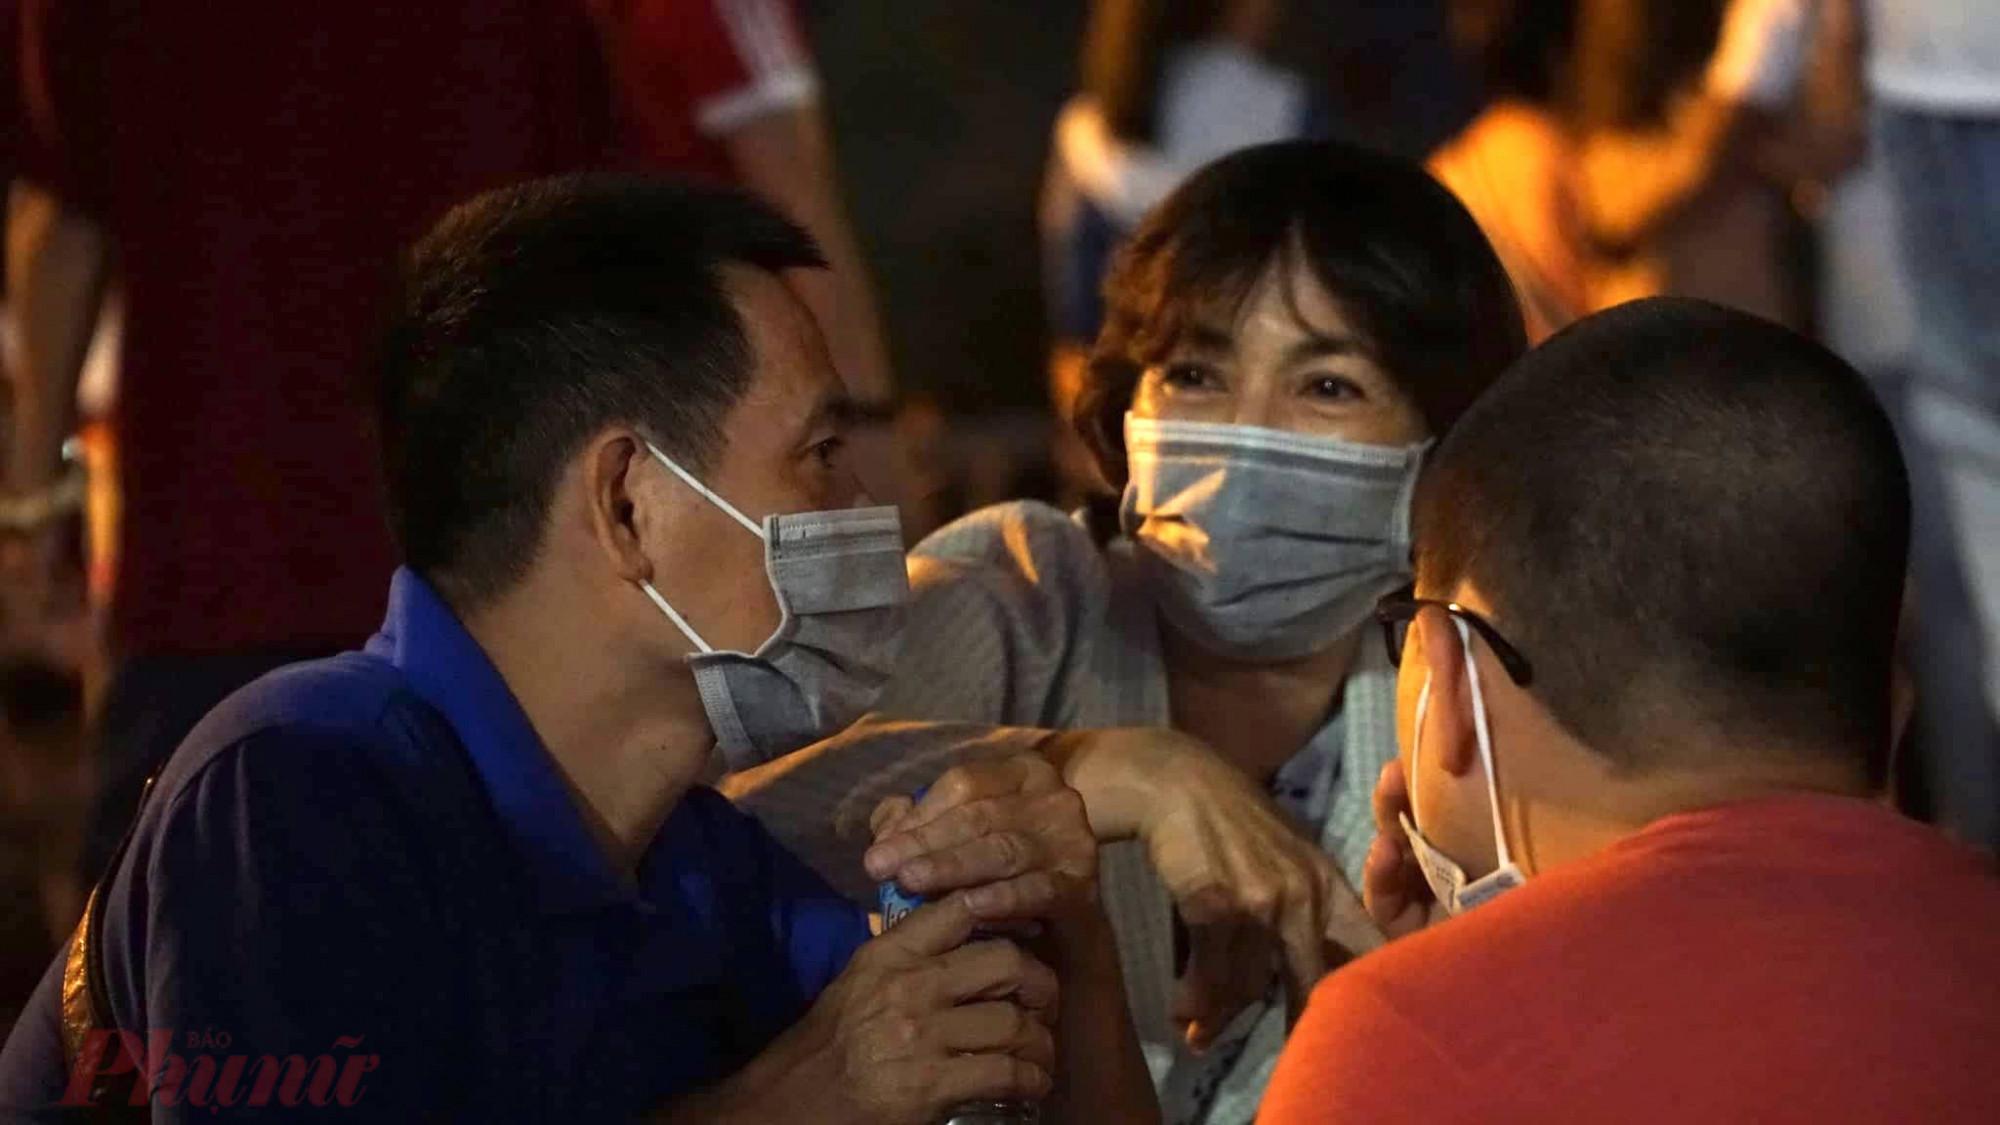 Những nơi tập trung đông người được xem là cơ hội lây truyền bệnh, nhất là các bệnh liên quan đến đường hô hấp. Nhưng điều đó vẫn không ngăn được sự háo hức của người dân trước màn bắn pháo hoa đêm giao thừa.